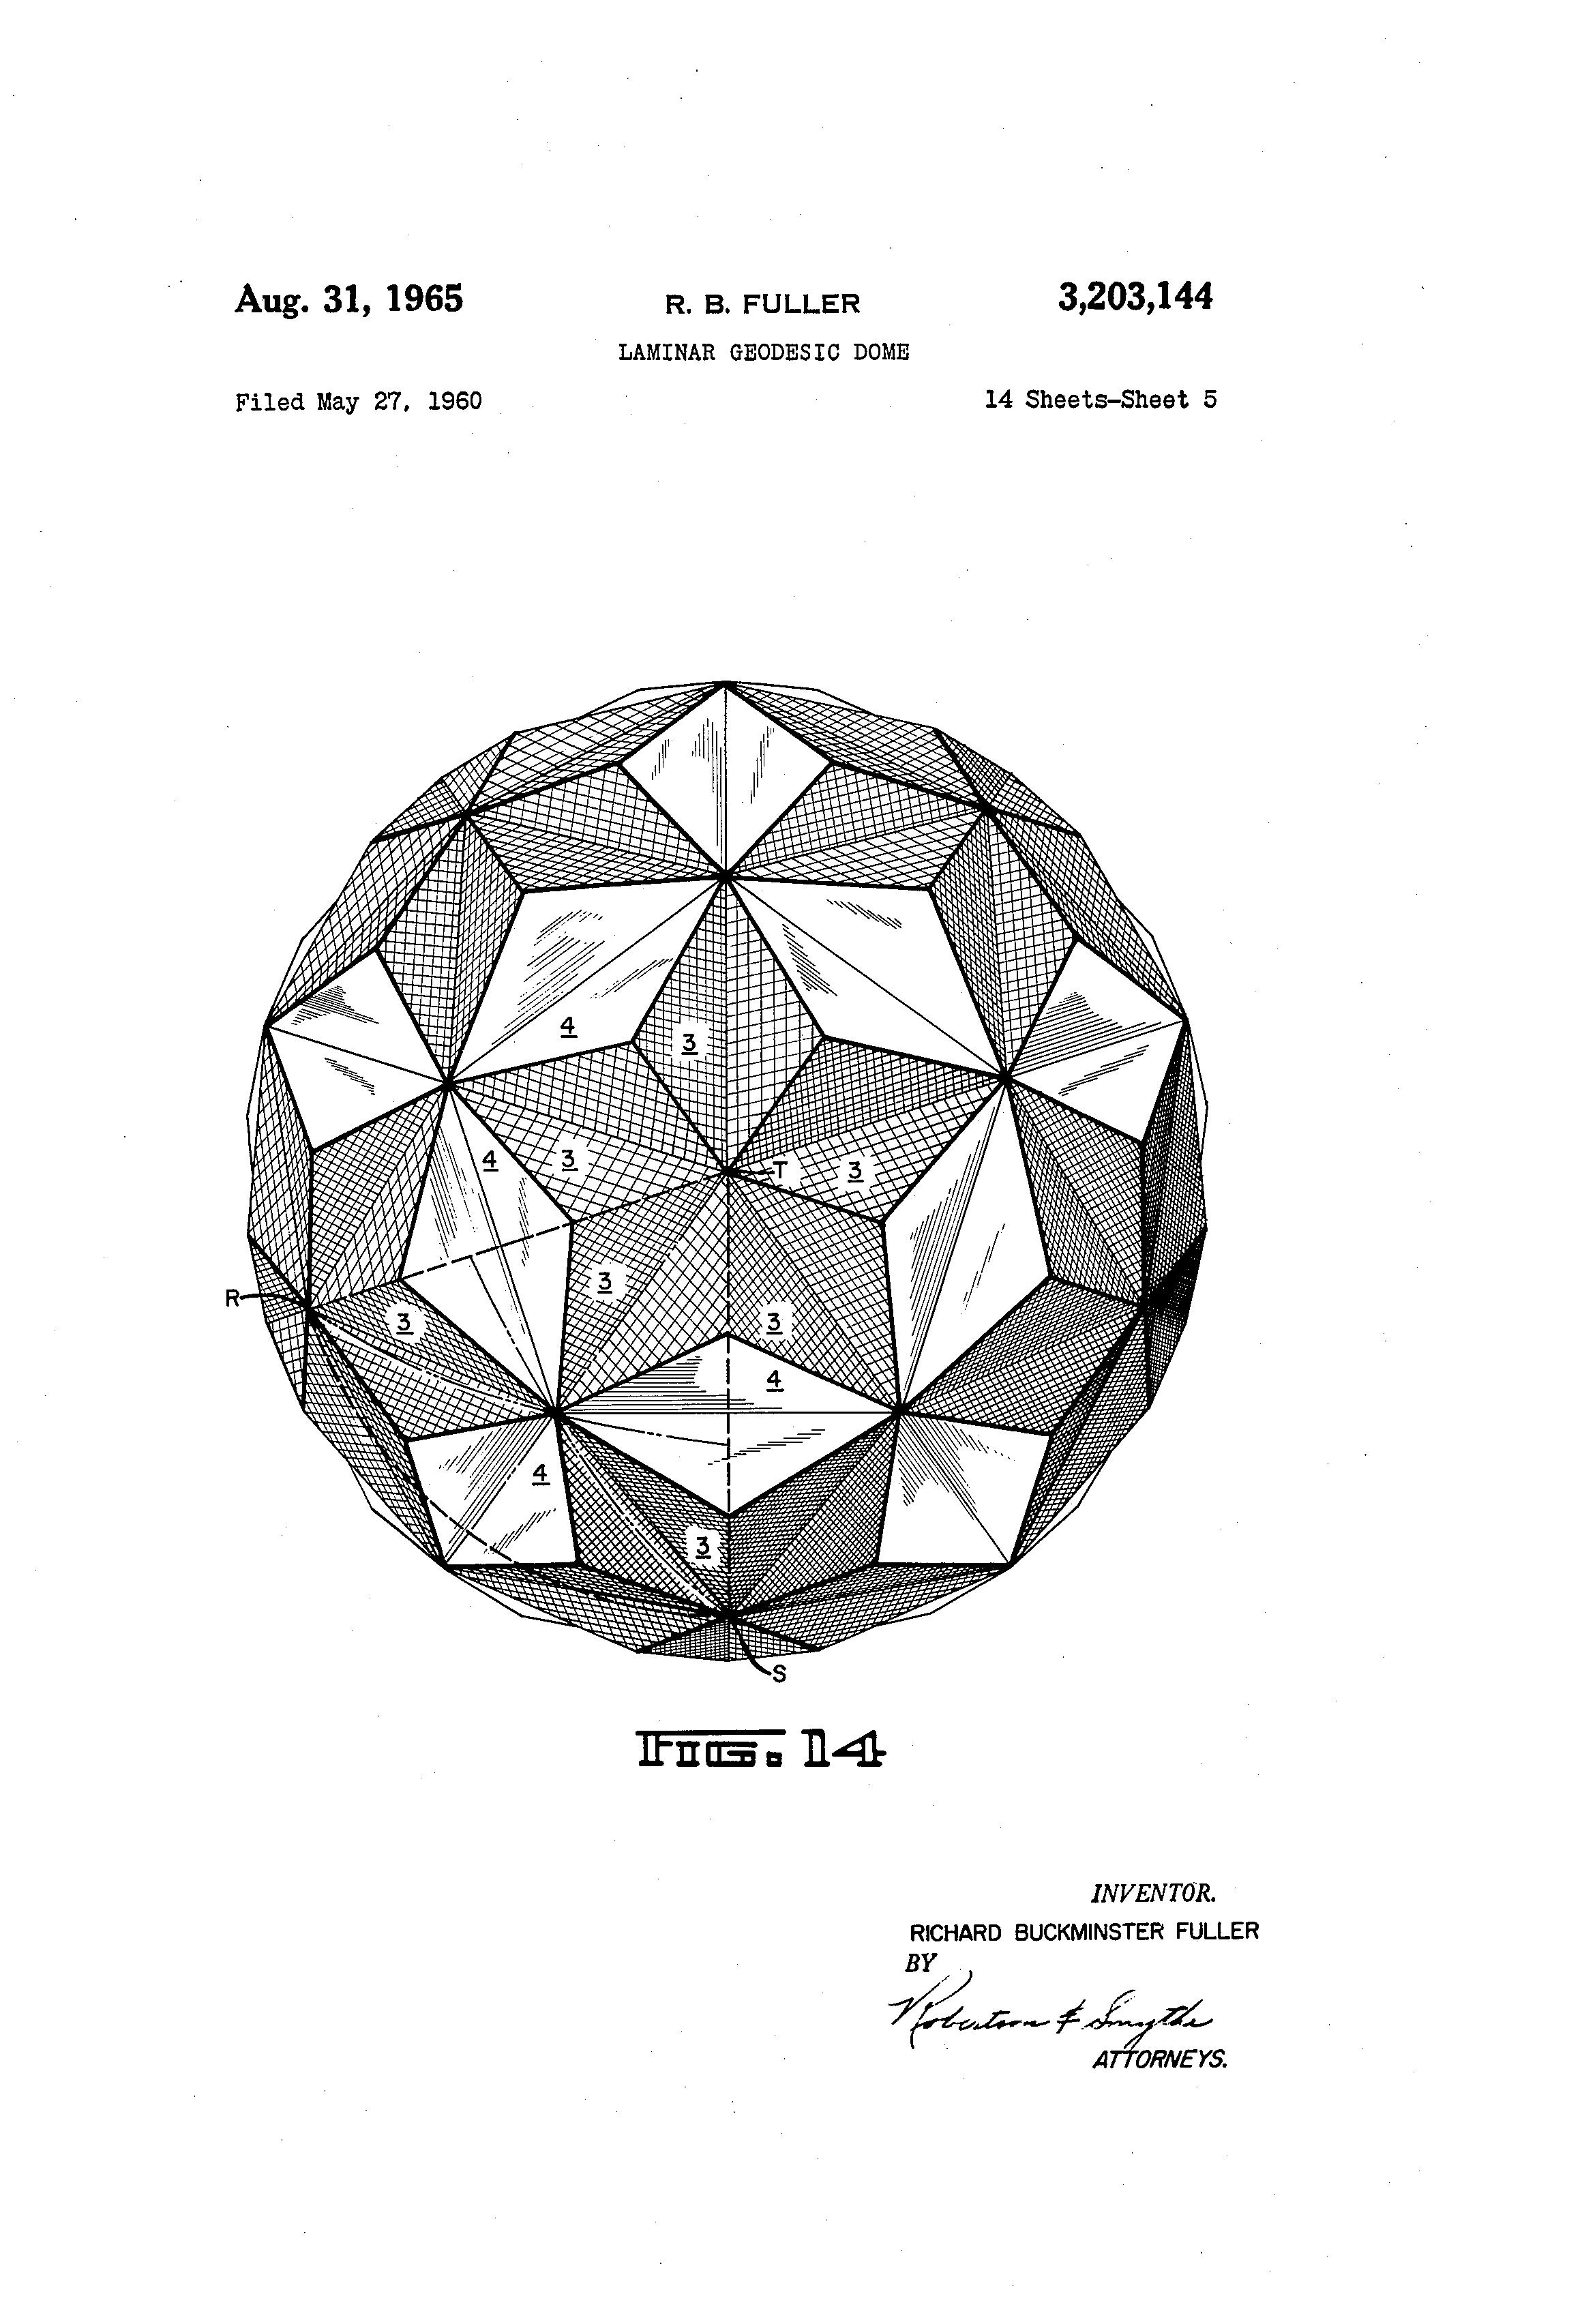 Buckminster Fuller: Patent US3203144 - Laminar geodesic dome